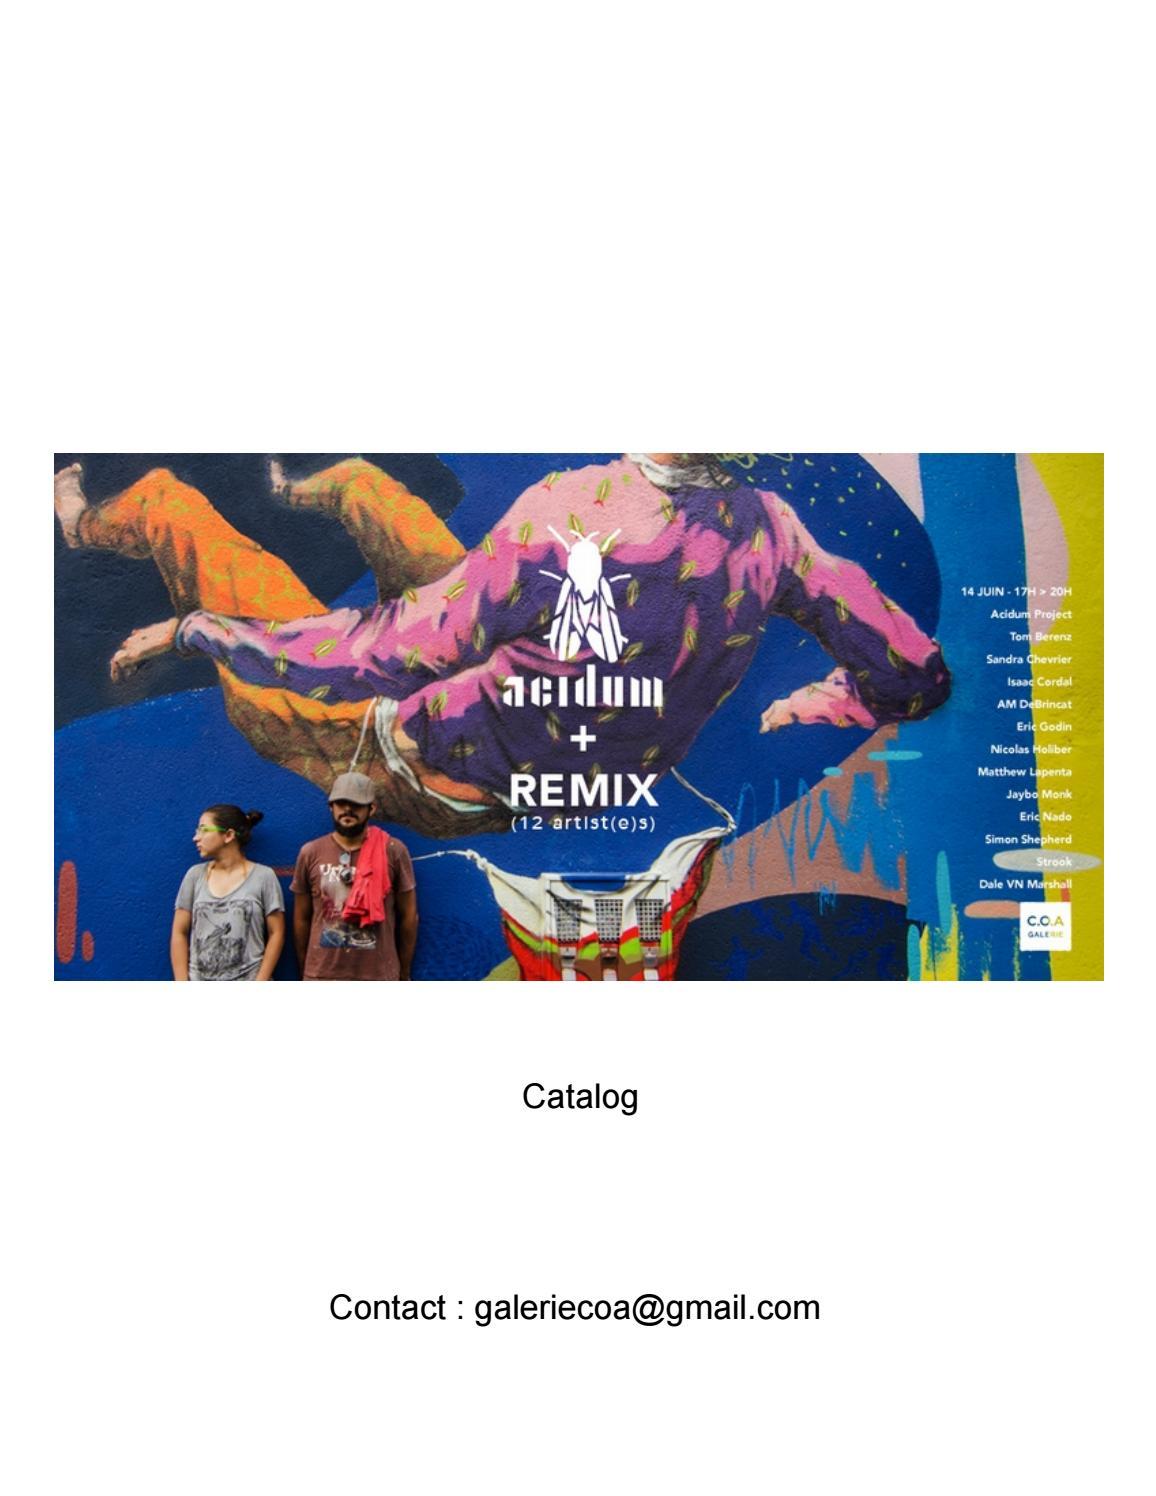 promo code 8b4cd 48de2 Acidum Project + REMIX